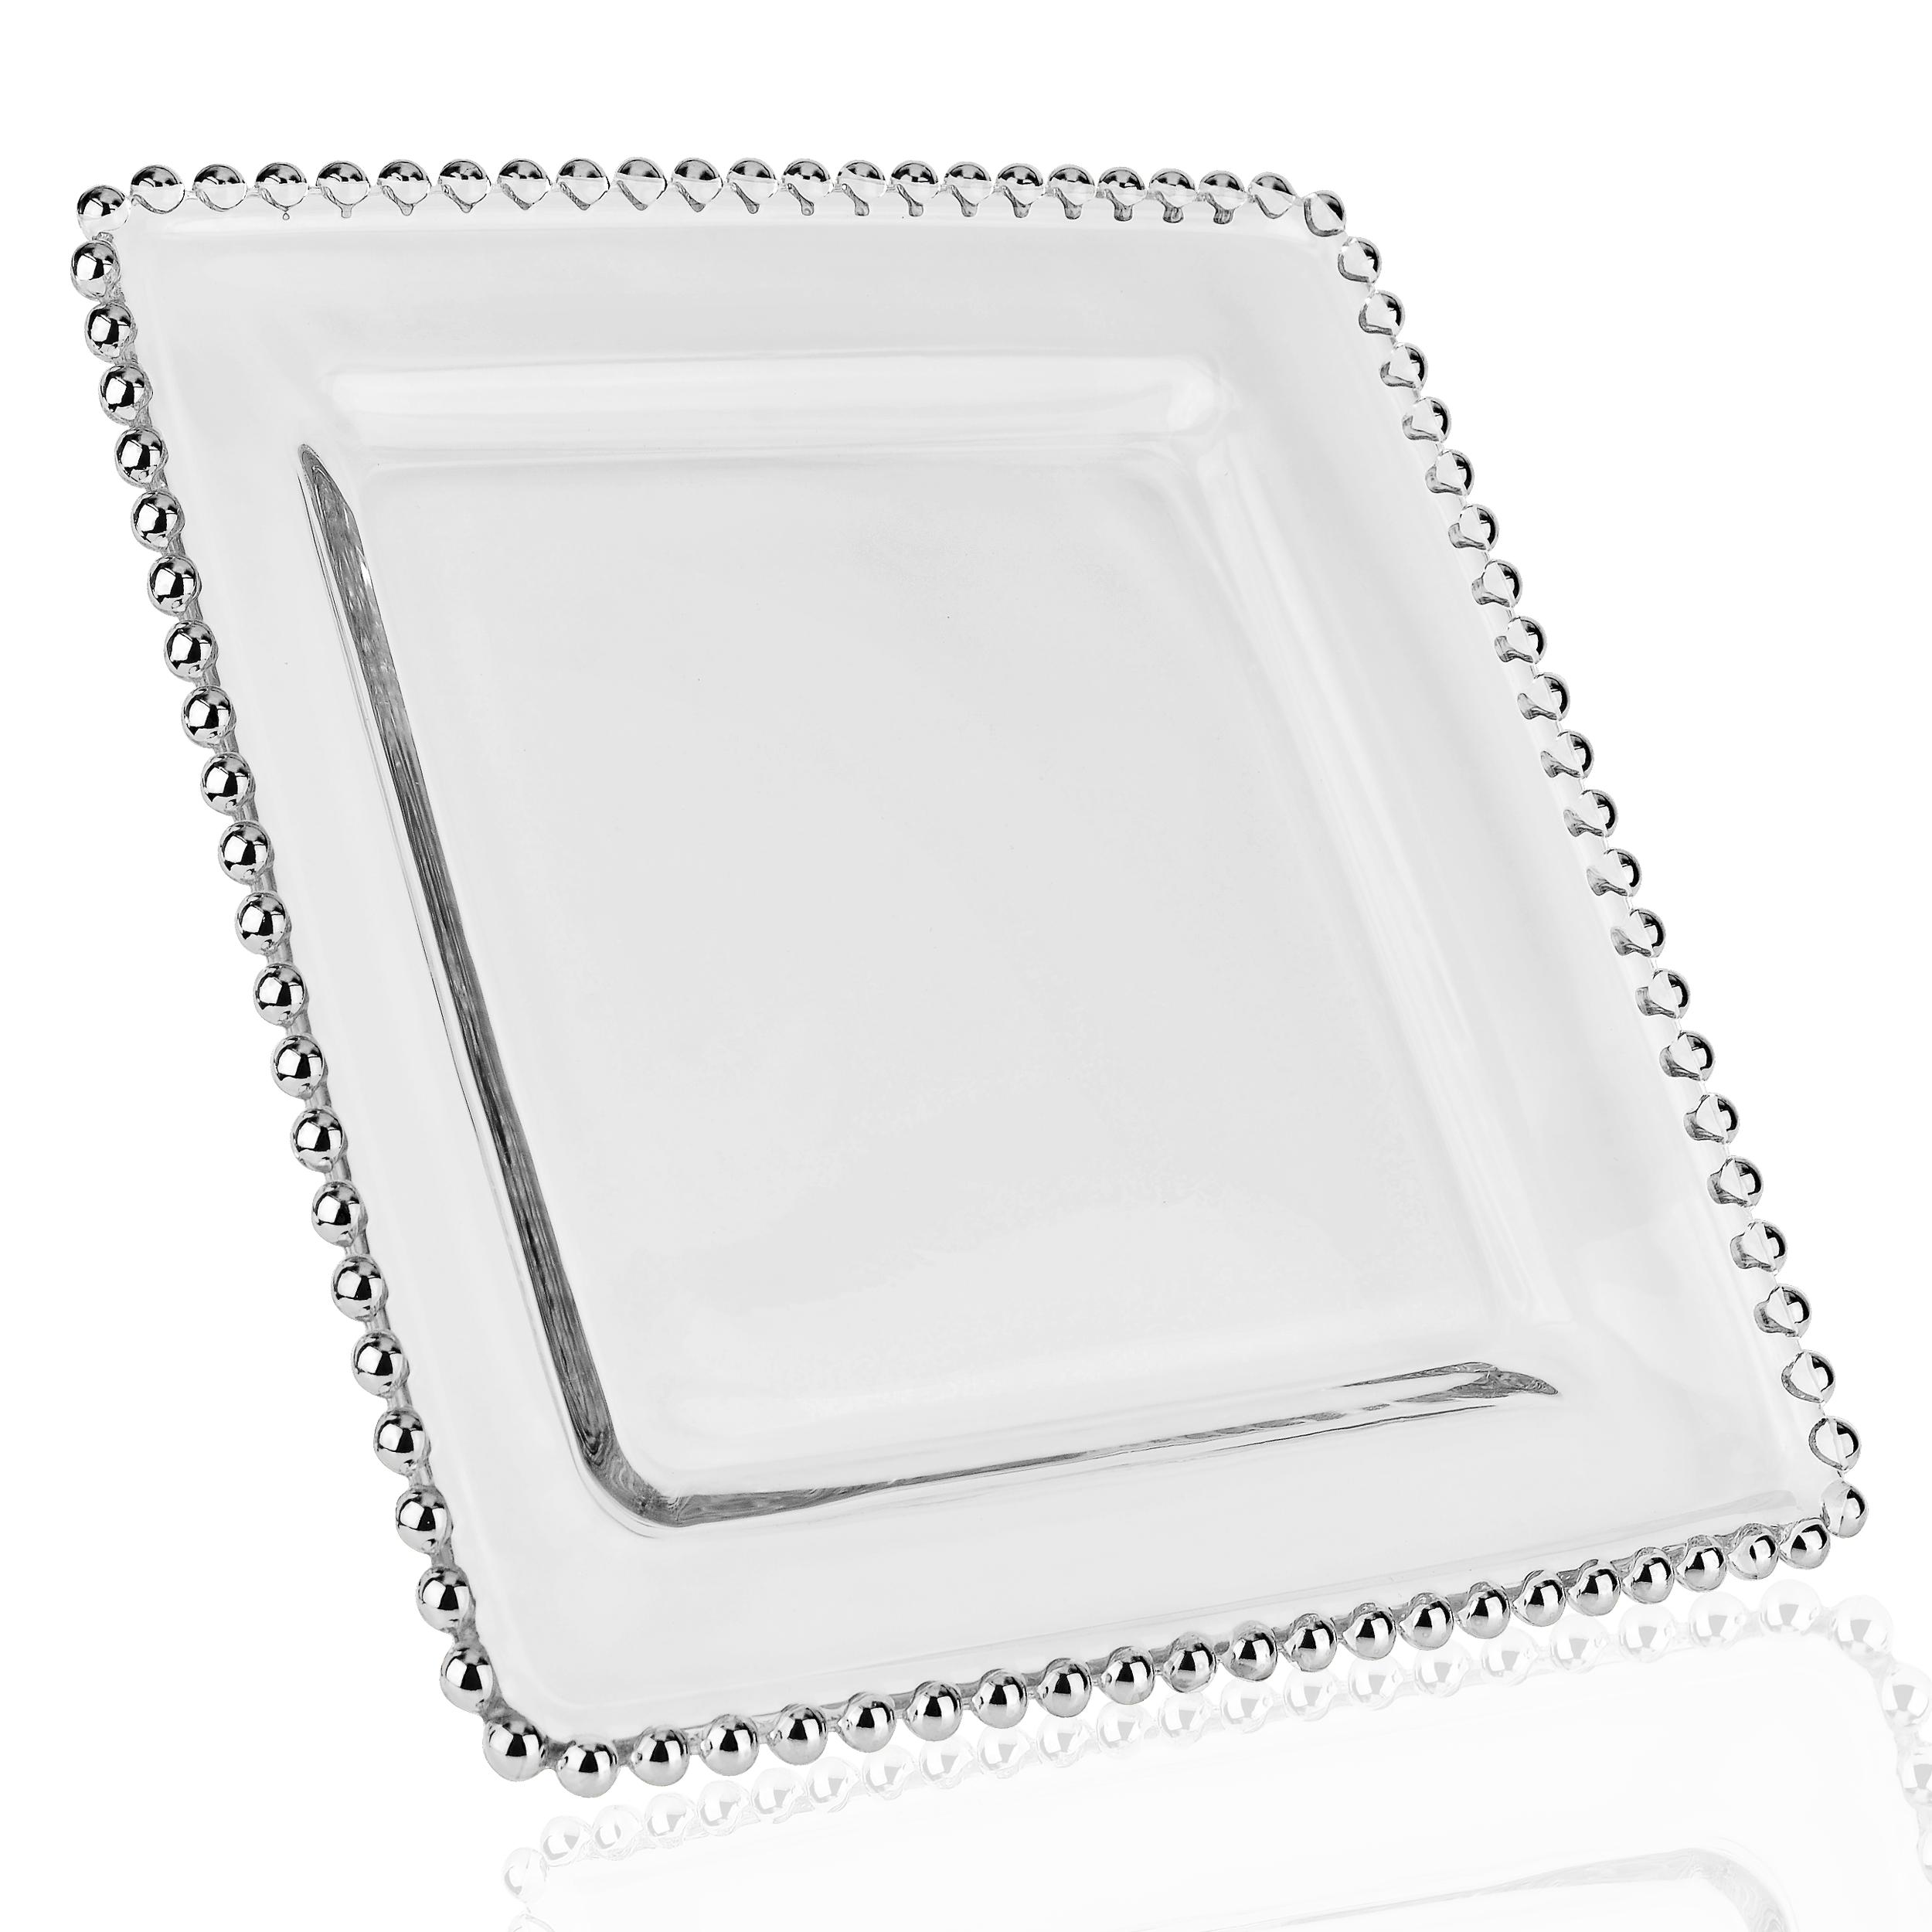 talerz przezroczysty kwadrat ze srebrnym